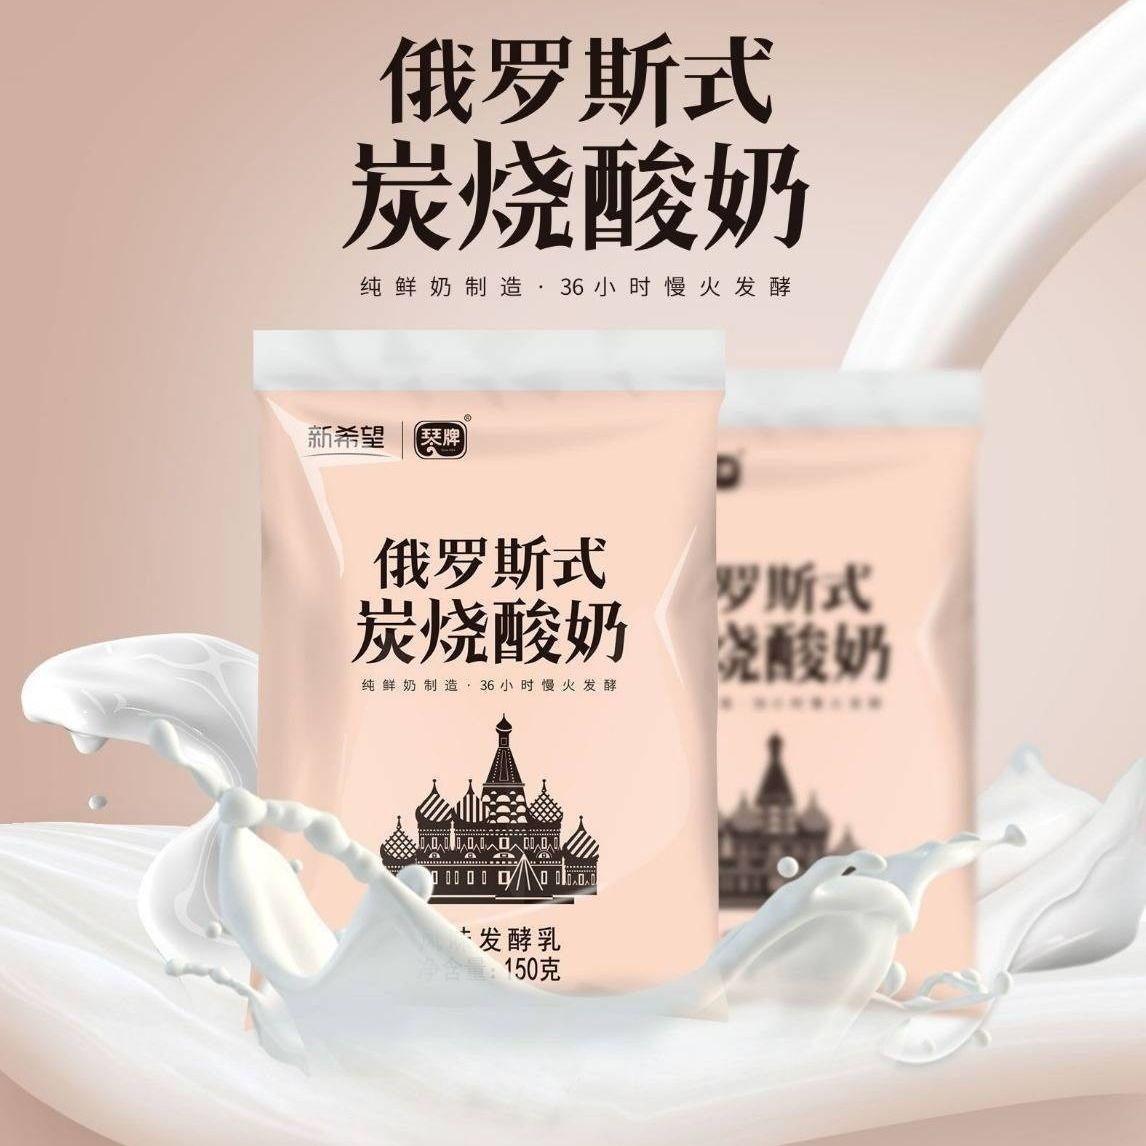 新希望 琴牌 俄羅斯炭燒酸奶 透明袋裝 150gx12袋